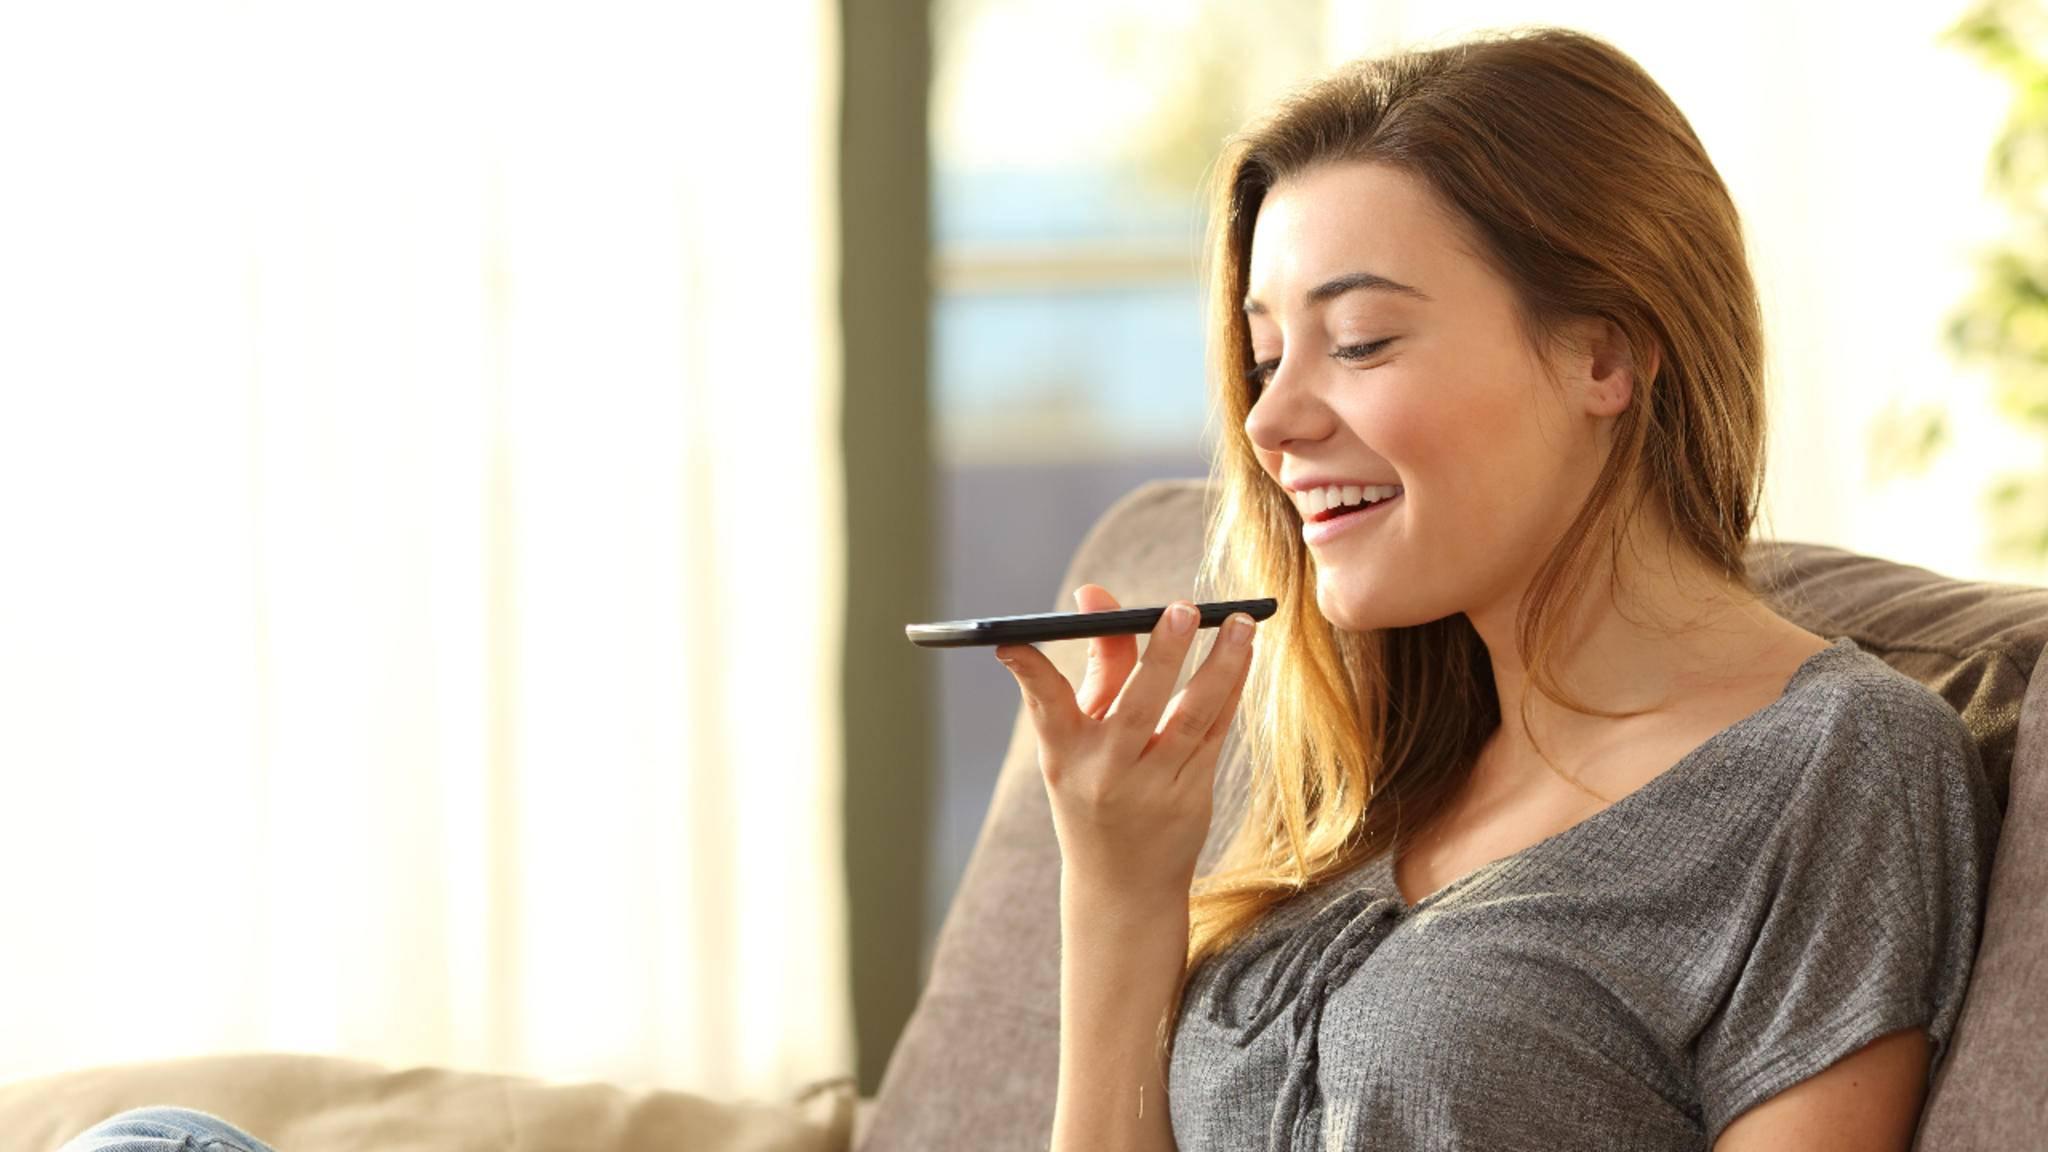 Android-Smartphones lassen sich über Sprachbefehle steuern.